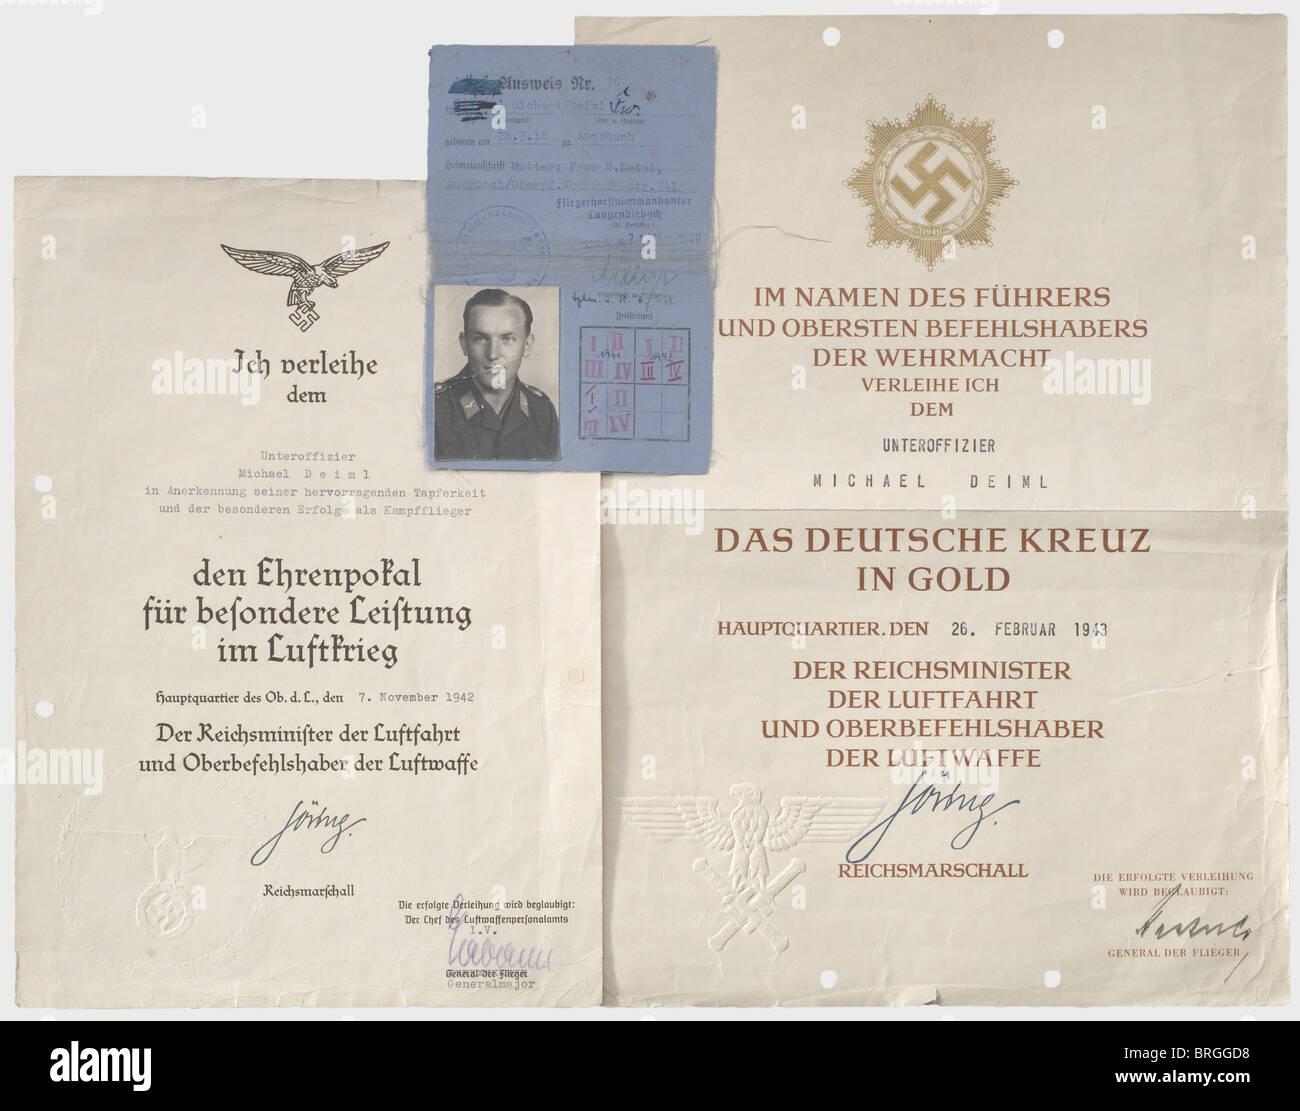 Documentos de adjudicación de un funcionario menor, en Bomber Group 55 'Greif' documento de premio decorativo grande Foto de stock